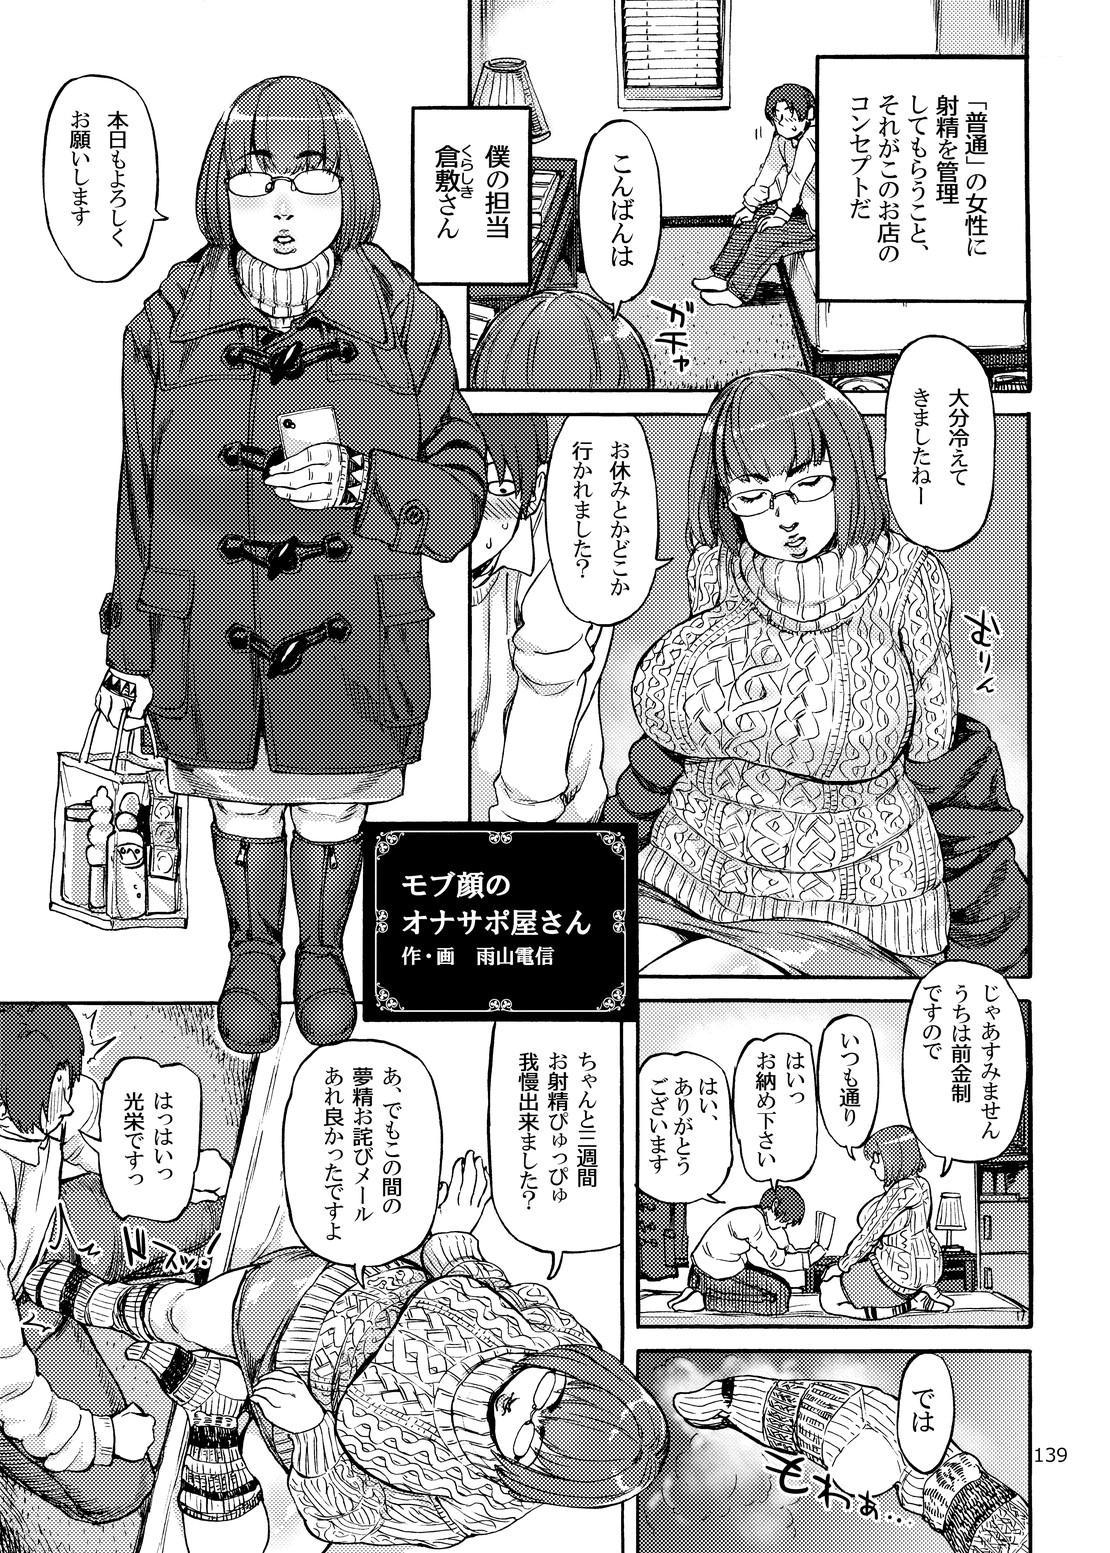 Shikibo Natsu 138